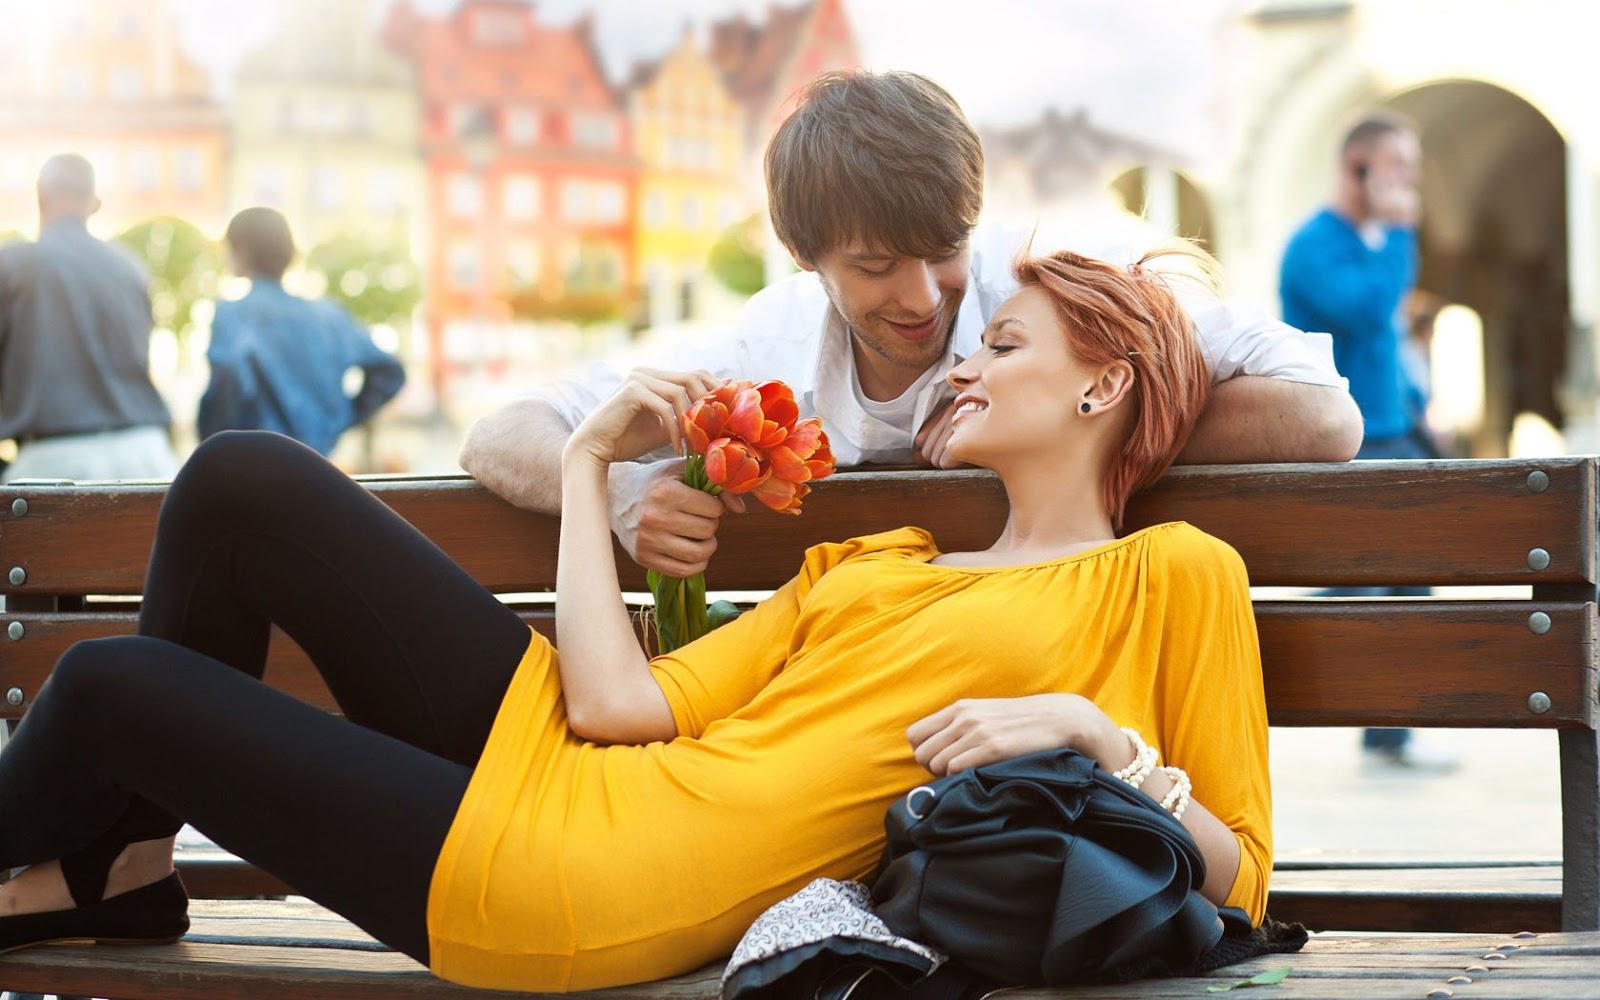 http://4.bp.blogspot.com/-ZvV5tZHeG9M/UVz3OSKGyDI/AAAAAAAAJbI/caGwTWqcRhc/s1600/Pretty+Love+Couple+On+Bench+HD+Wallpaper-1680x1050-bestlovehdwallpapers.blogspot.com.jpg